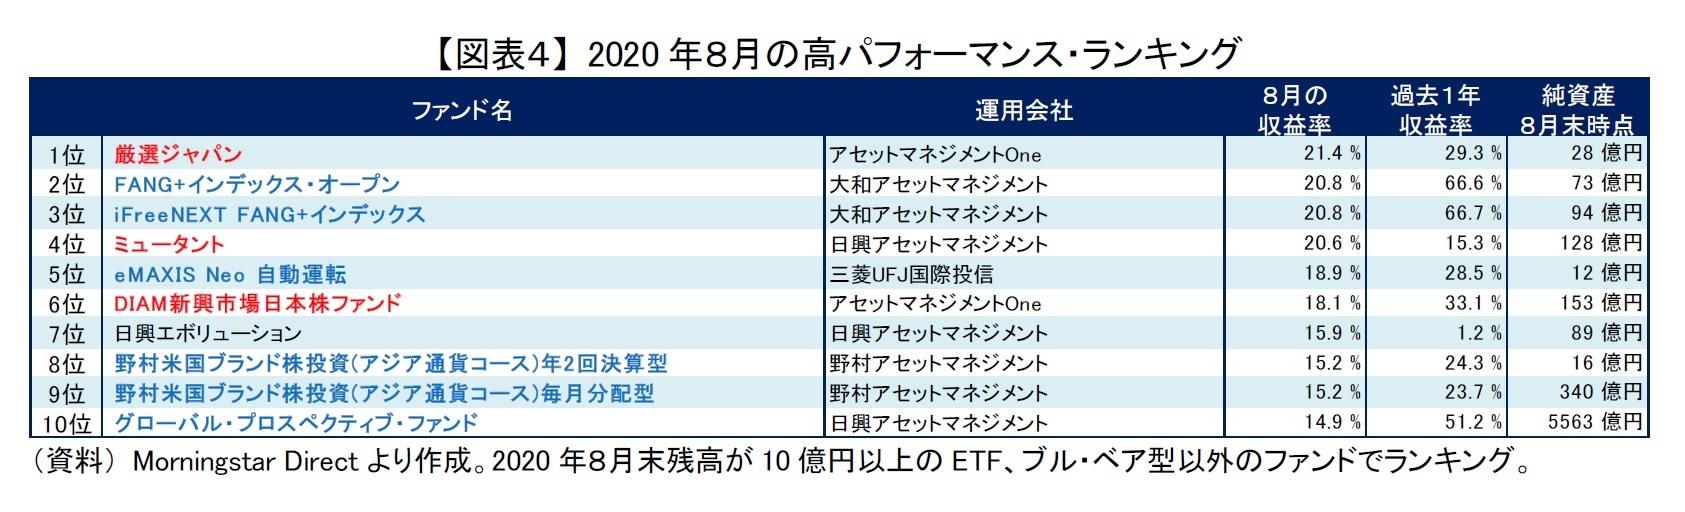 【図表4】 2020年8月の高パフォーマンス・ランキング